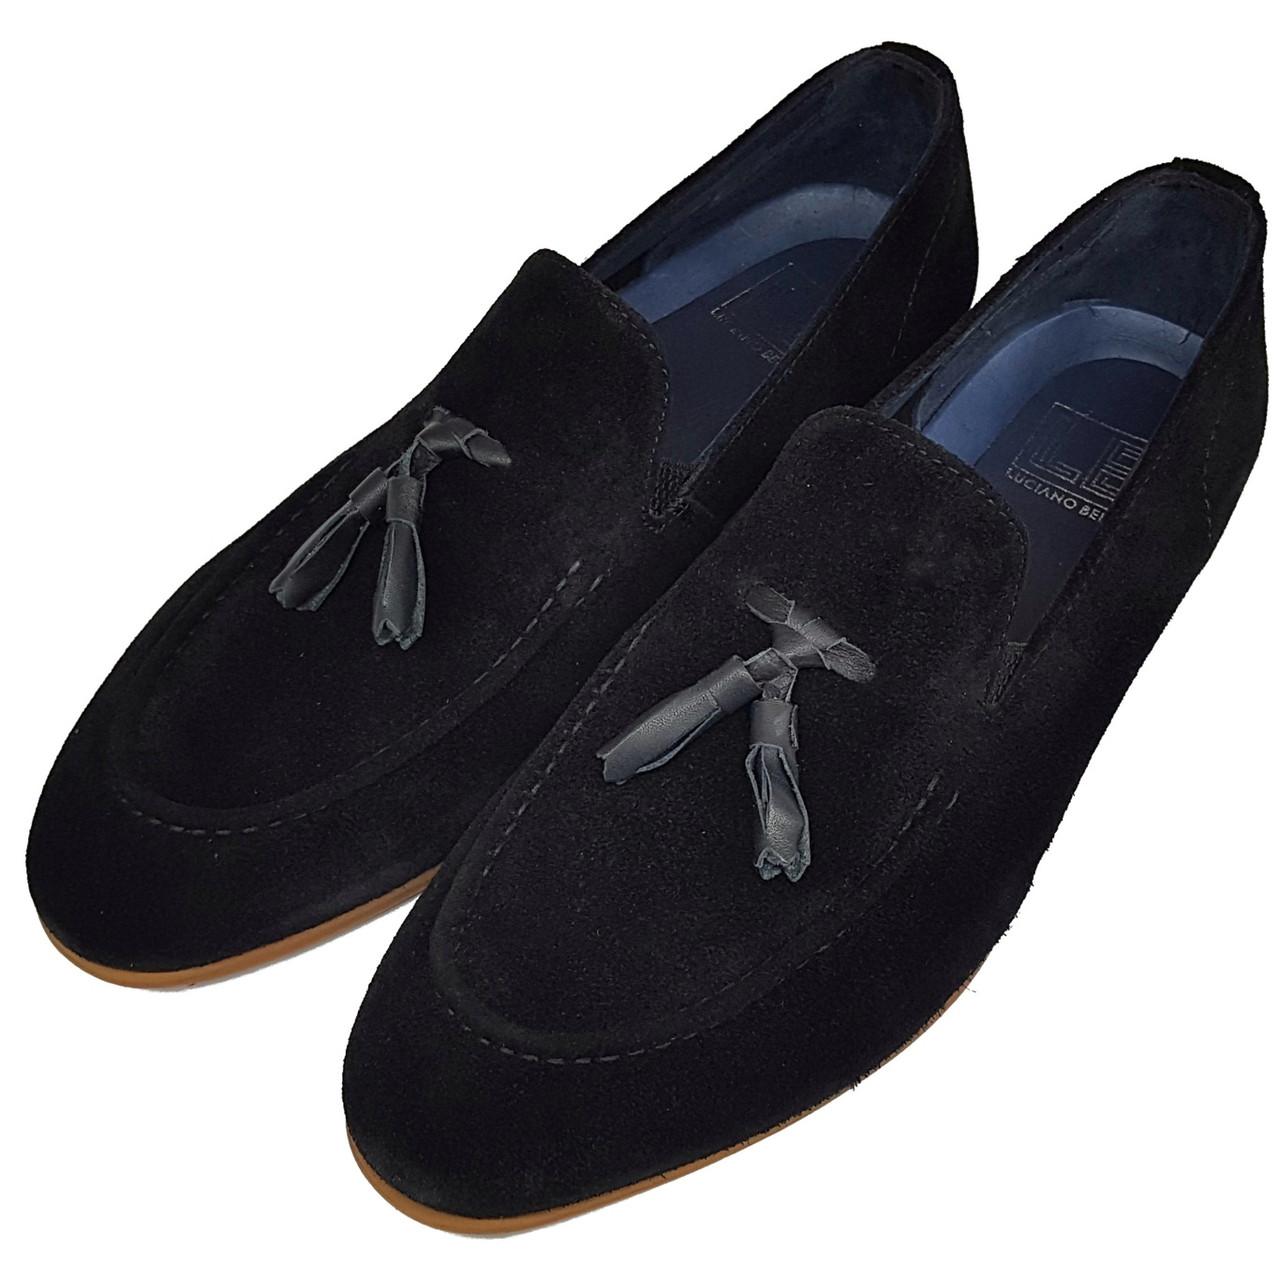 Мужские туфли лоферы Luciano Bellini черные L0017/17